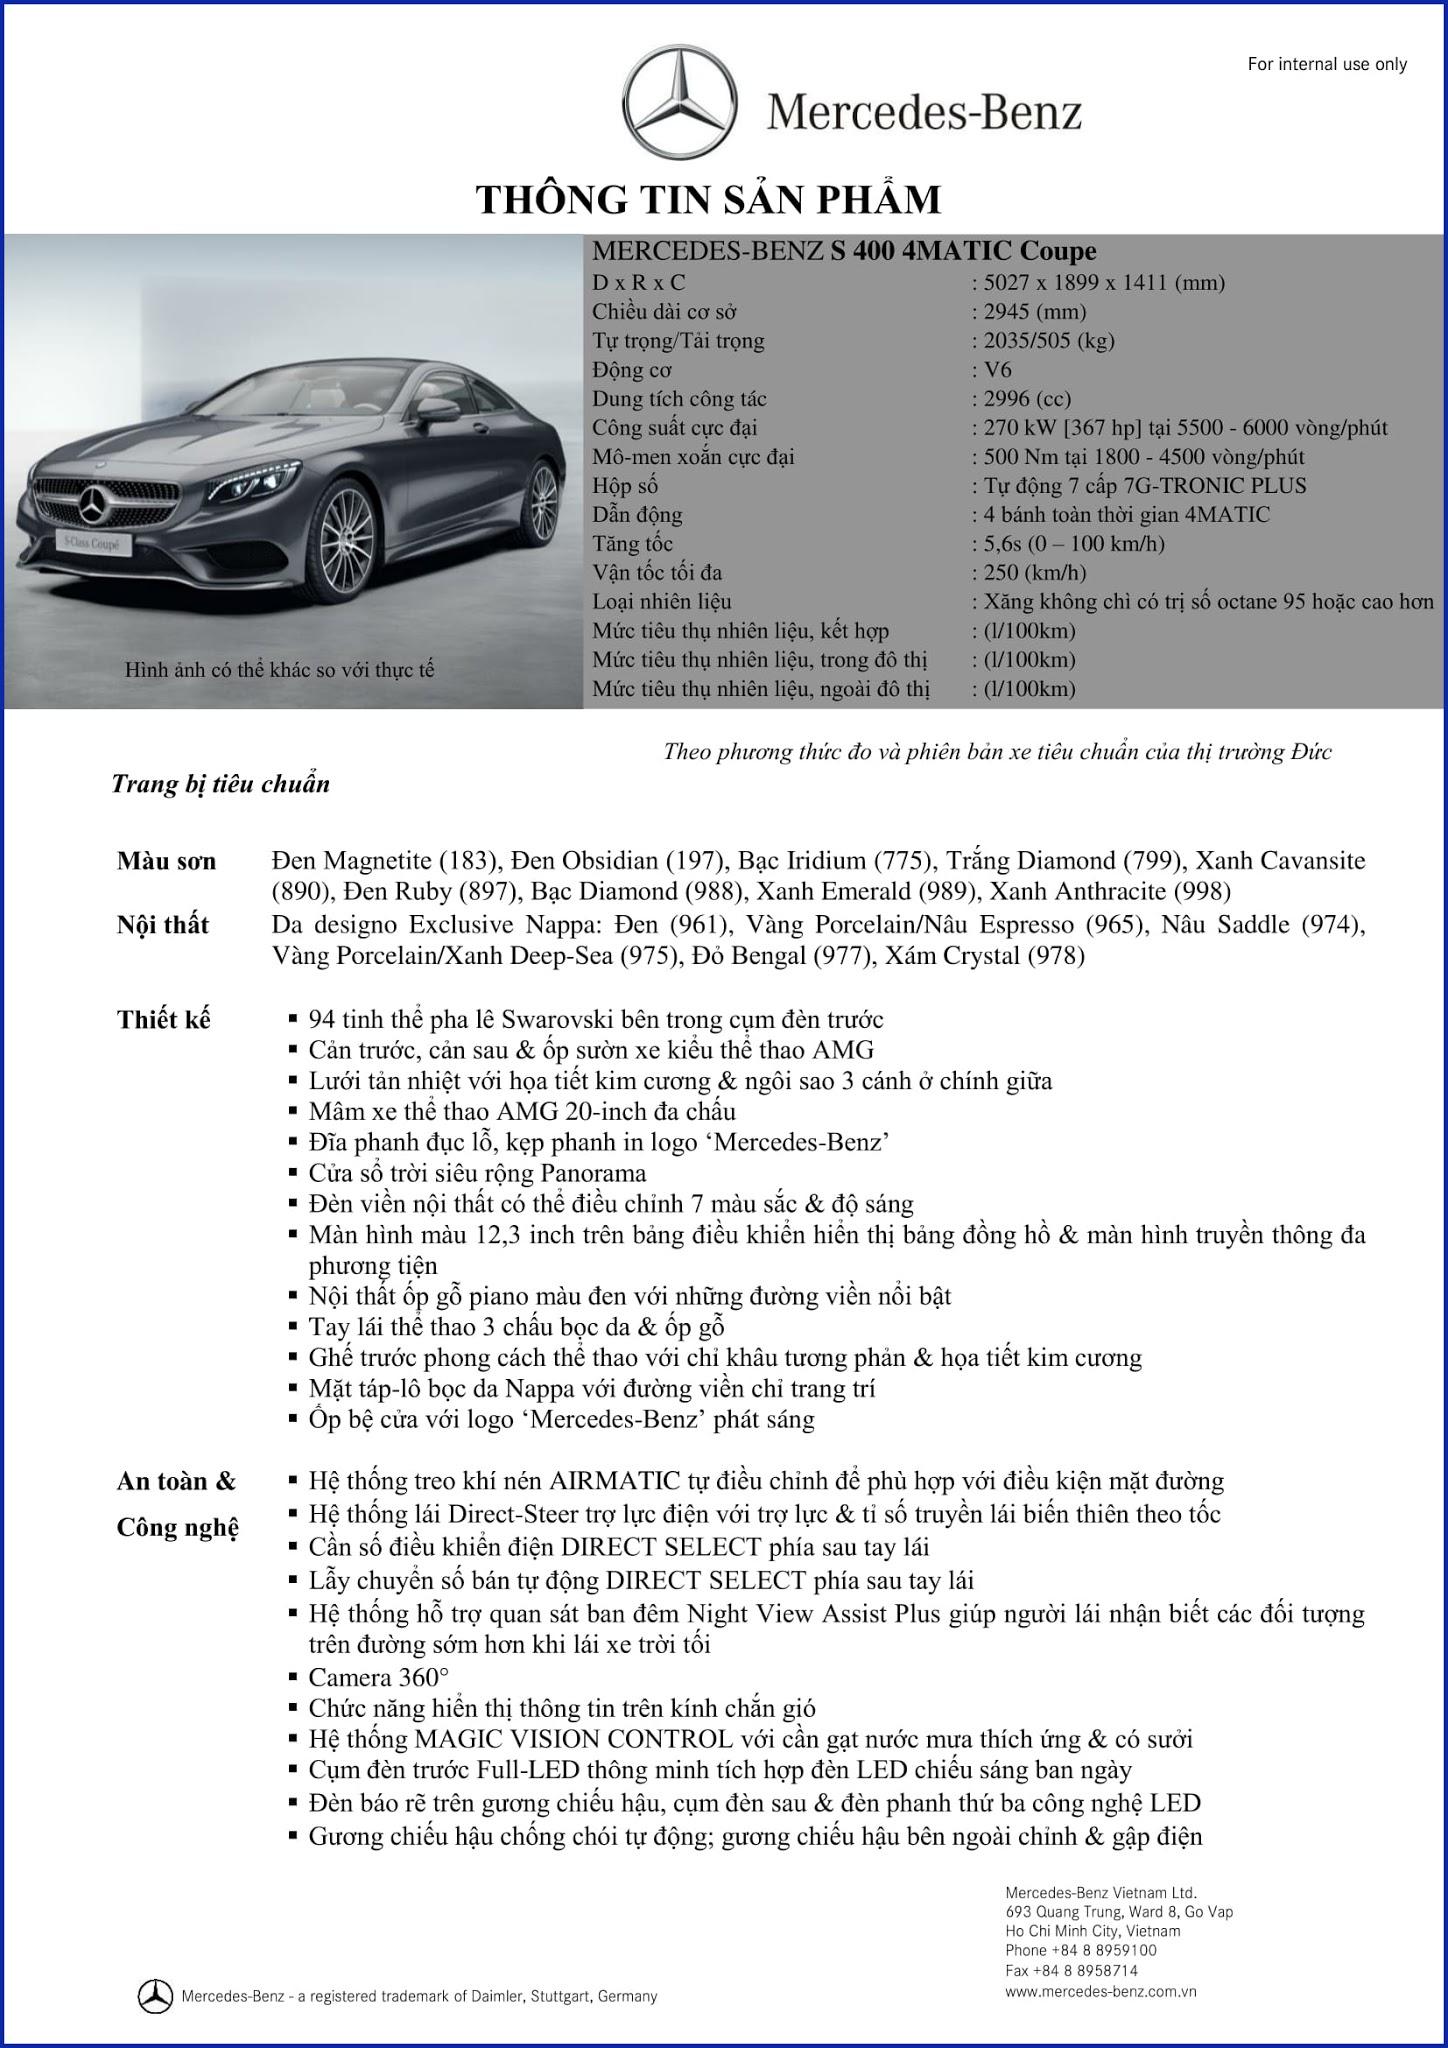 Bảng thông số kỹ thuật Mercedes S400 4MATIC Coupe 2017 tại Mercedes Trường Chinh